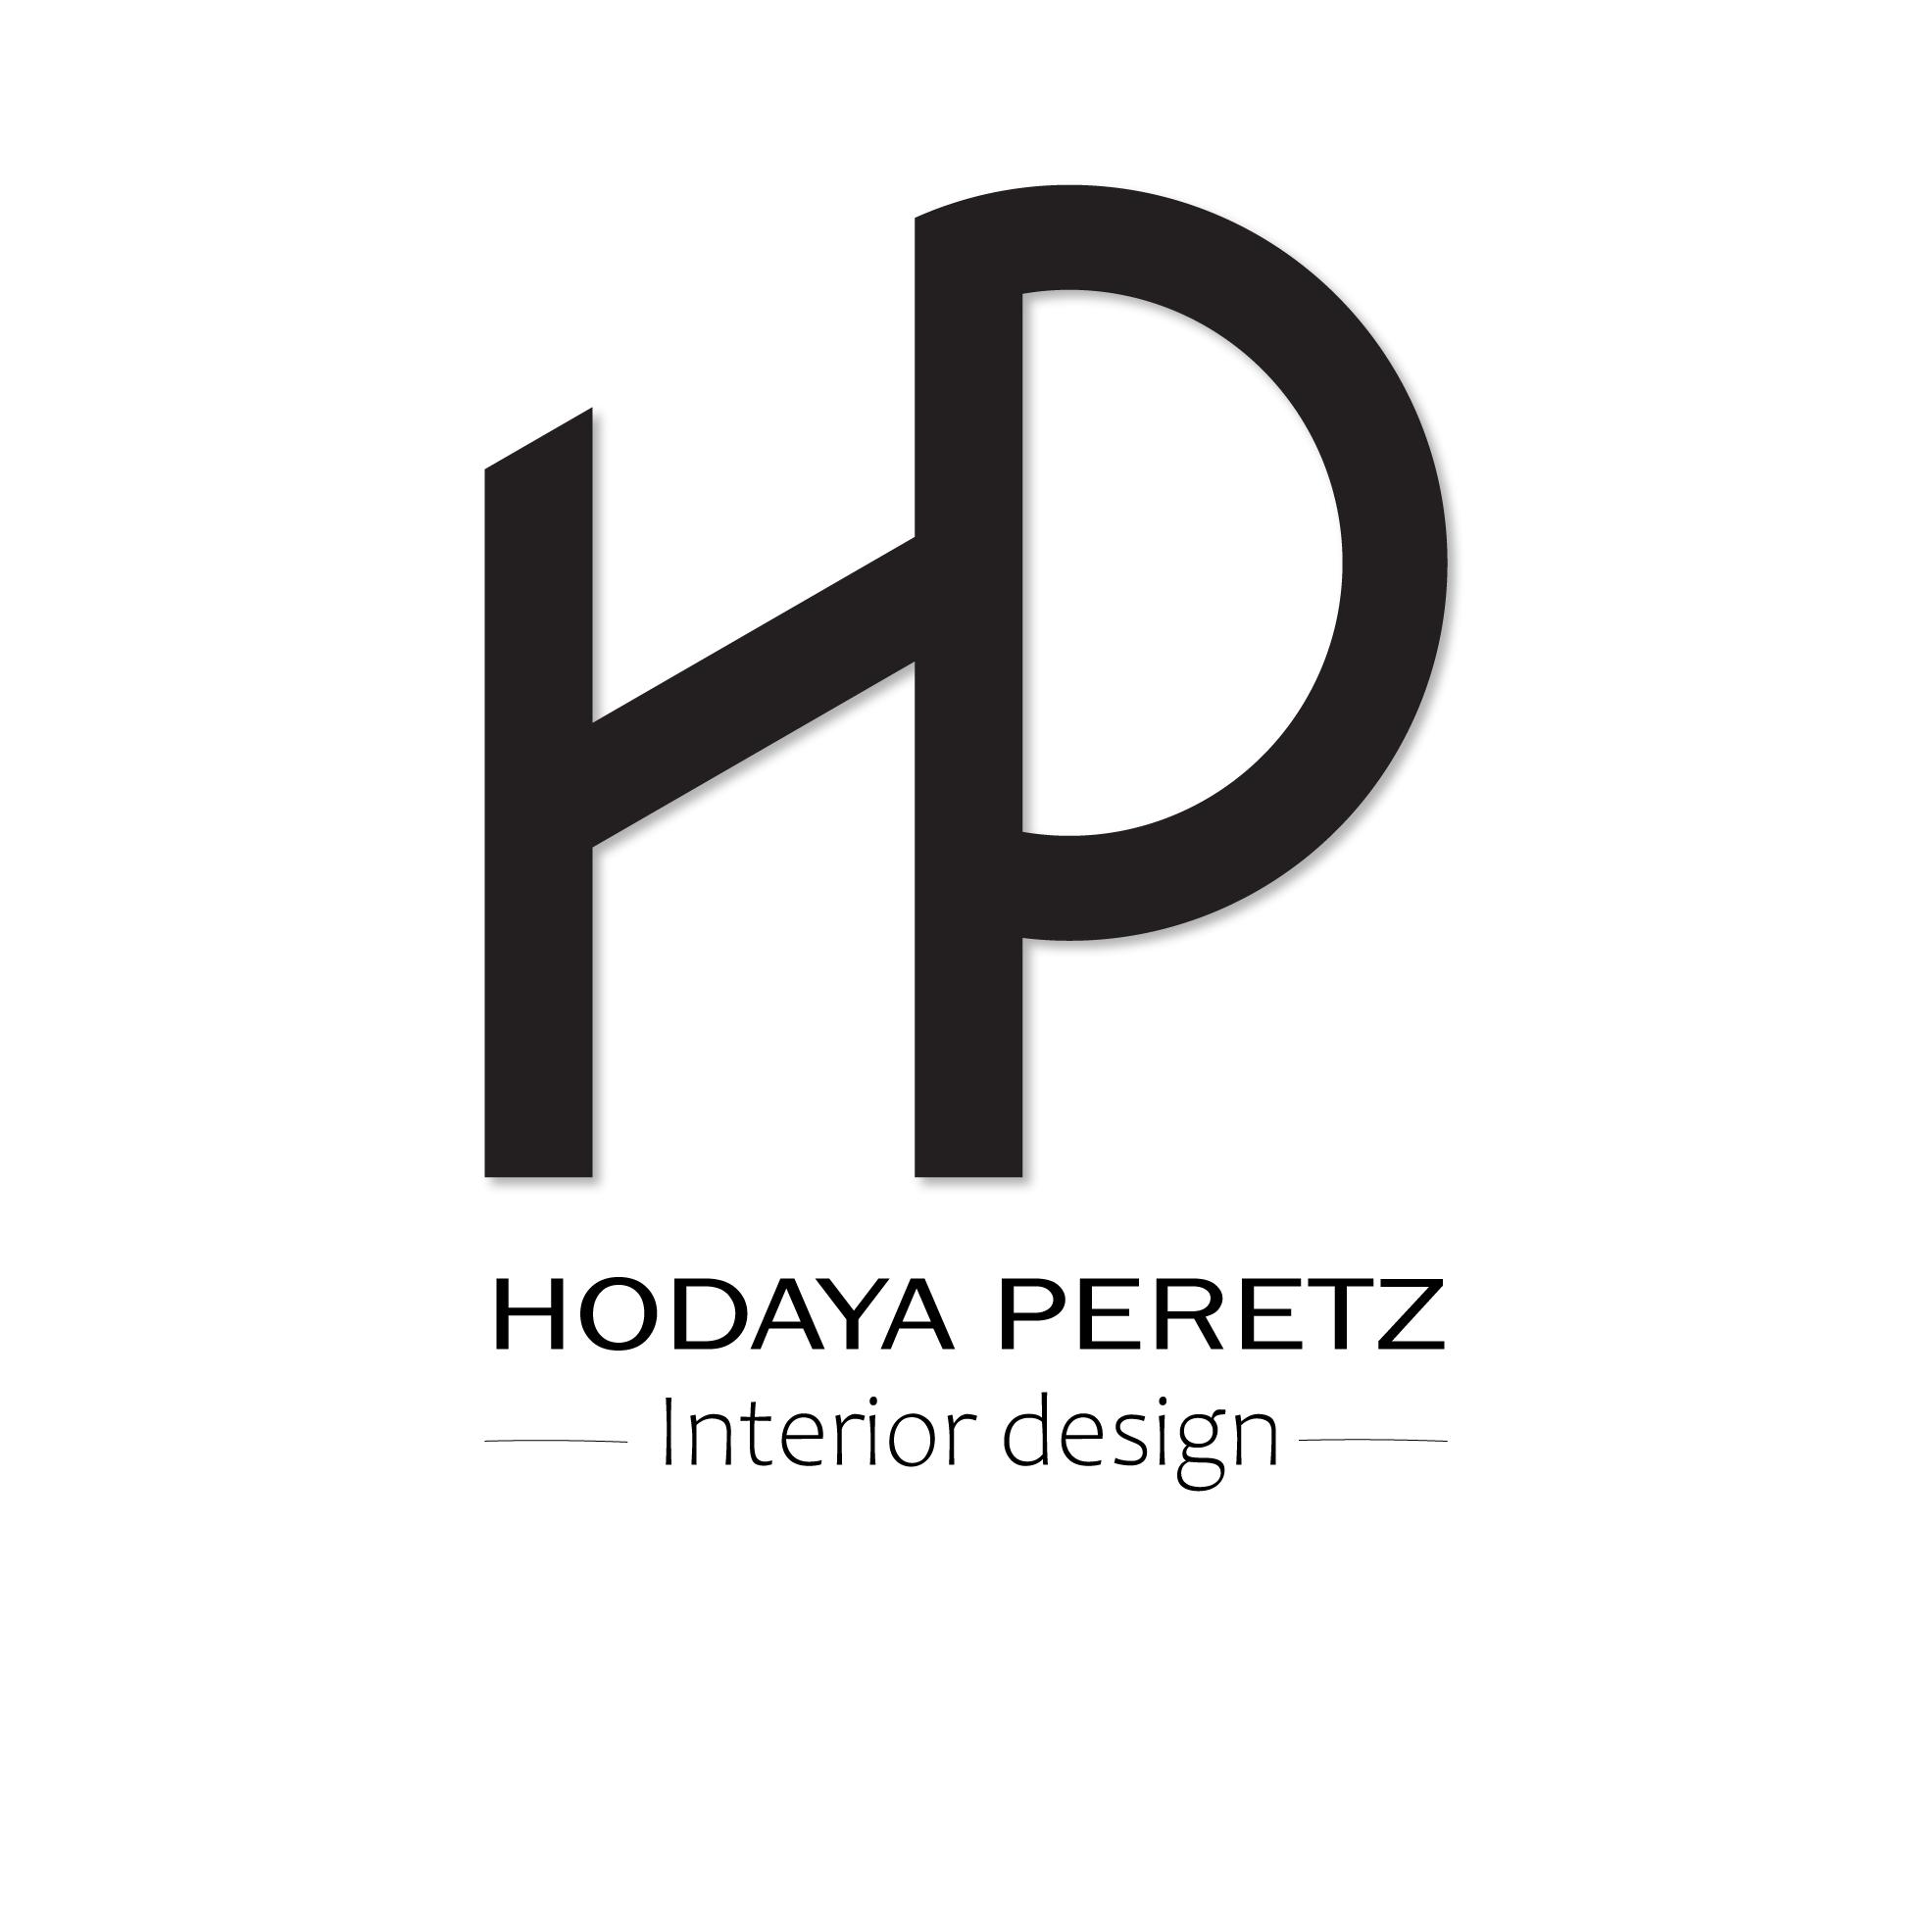 Hodaya Peretz